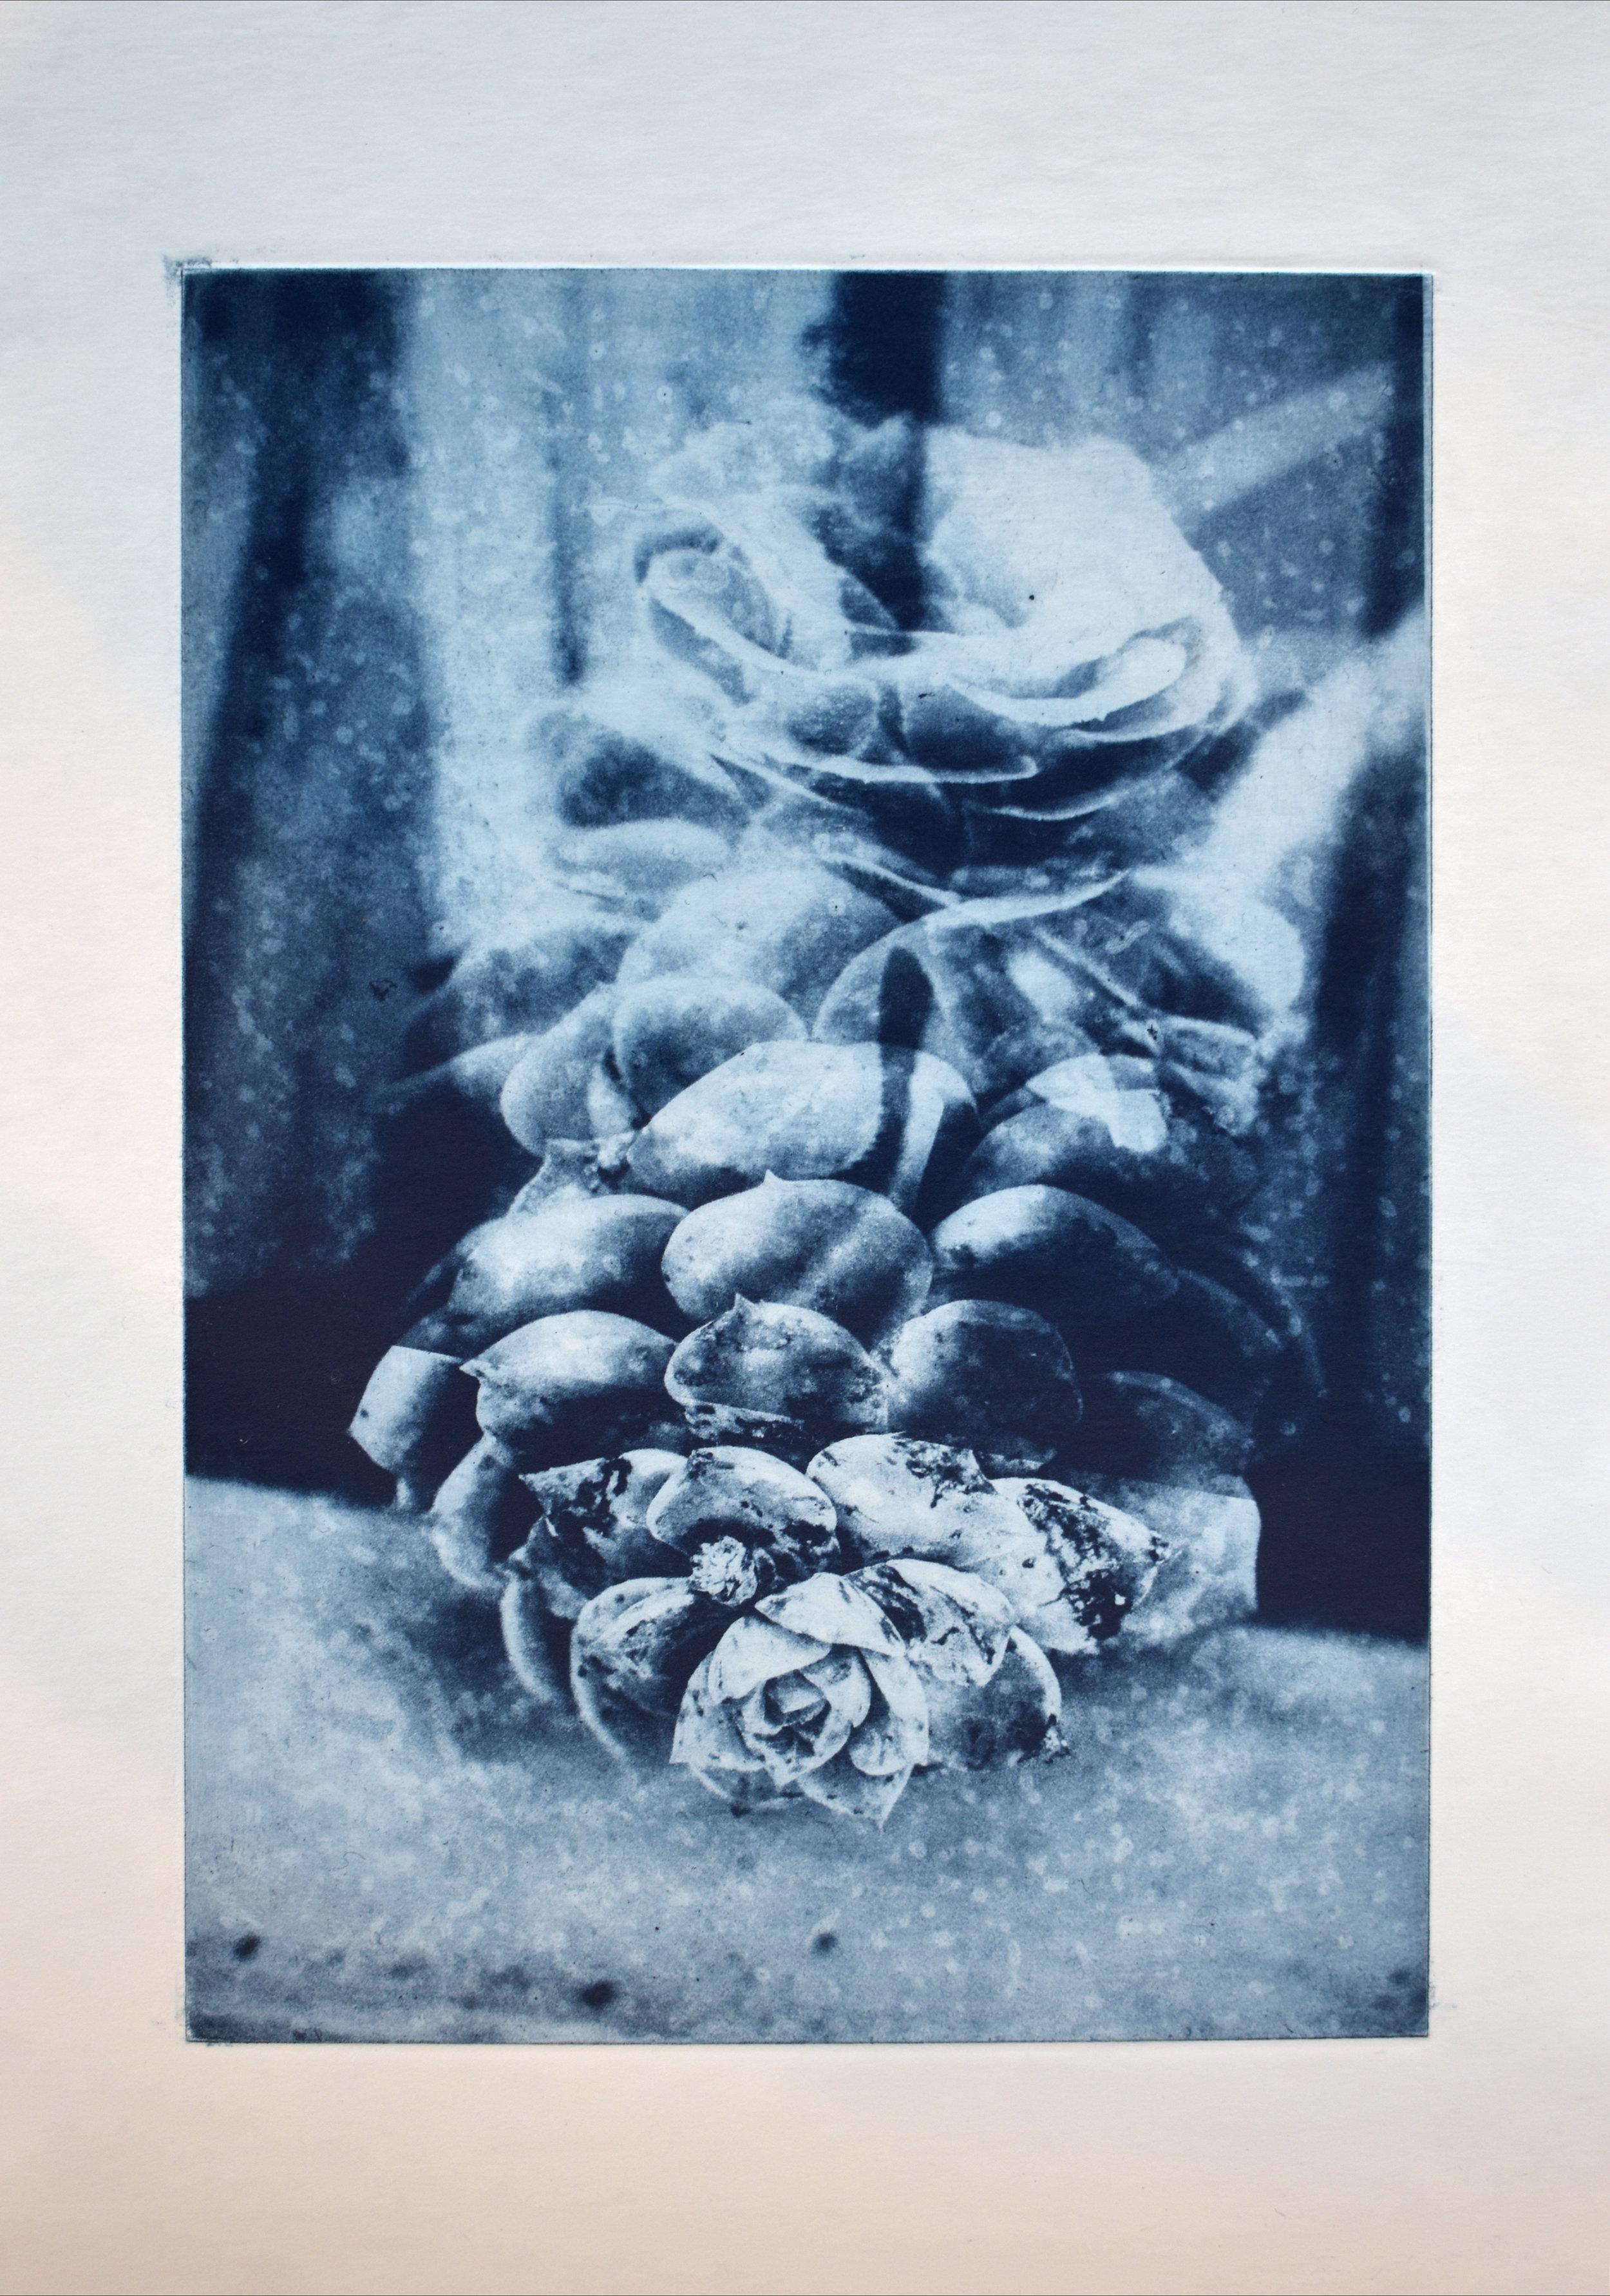 Photogravure, succulent bloom and calcite. 25 x 33cm. 2019